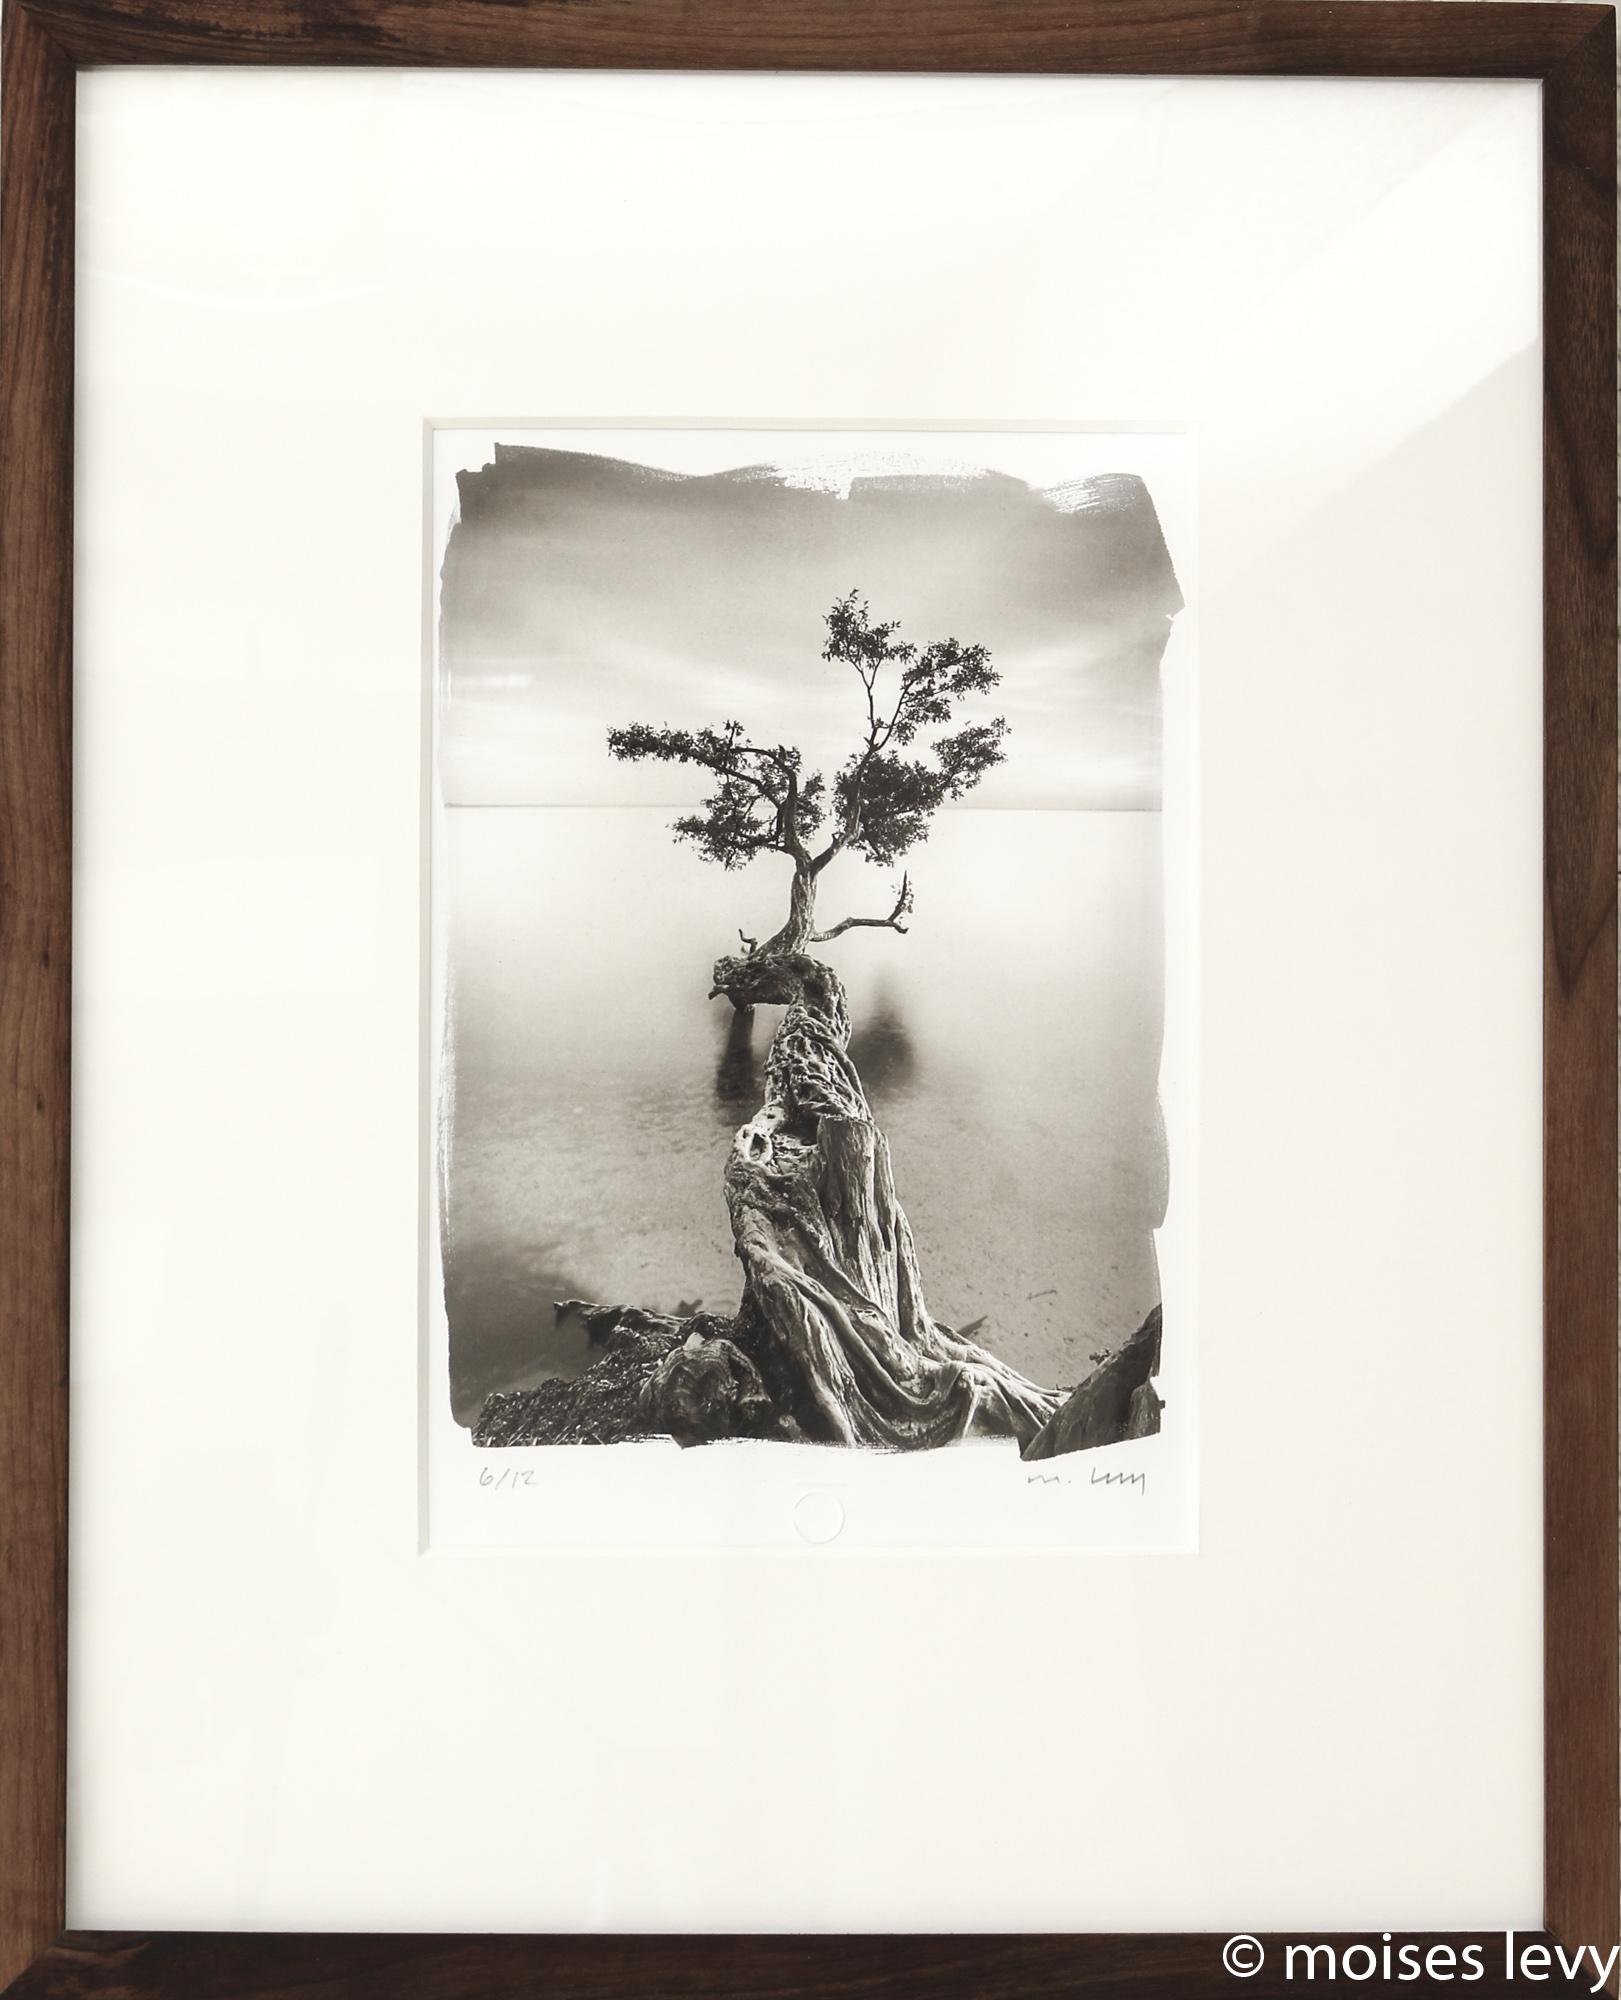 Water Tree Vertical Image